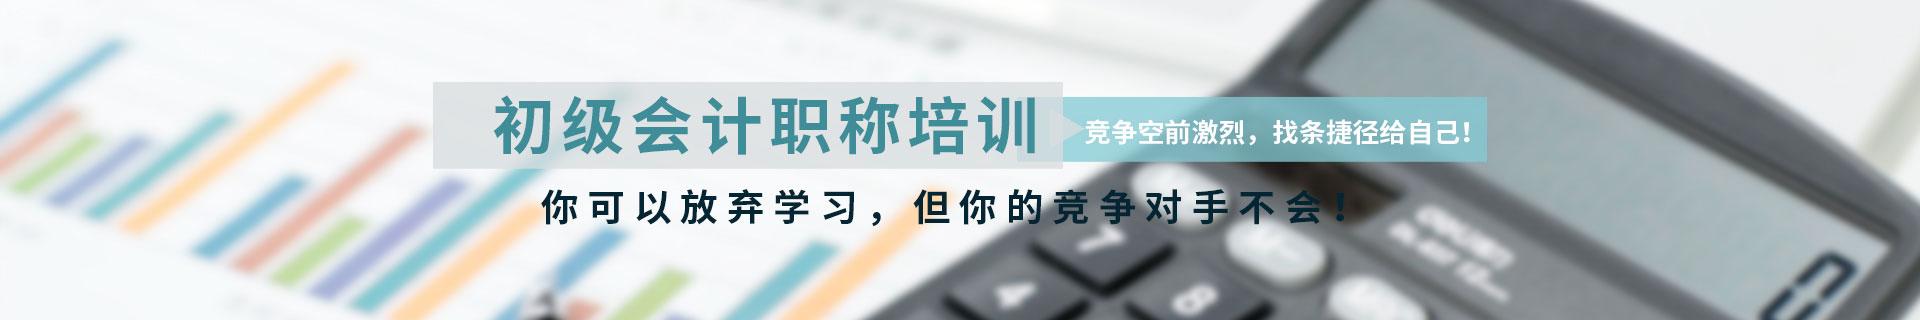 北京石景山仁和会计培训机构